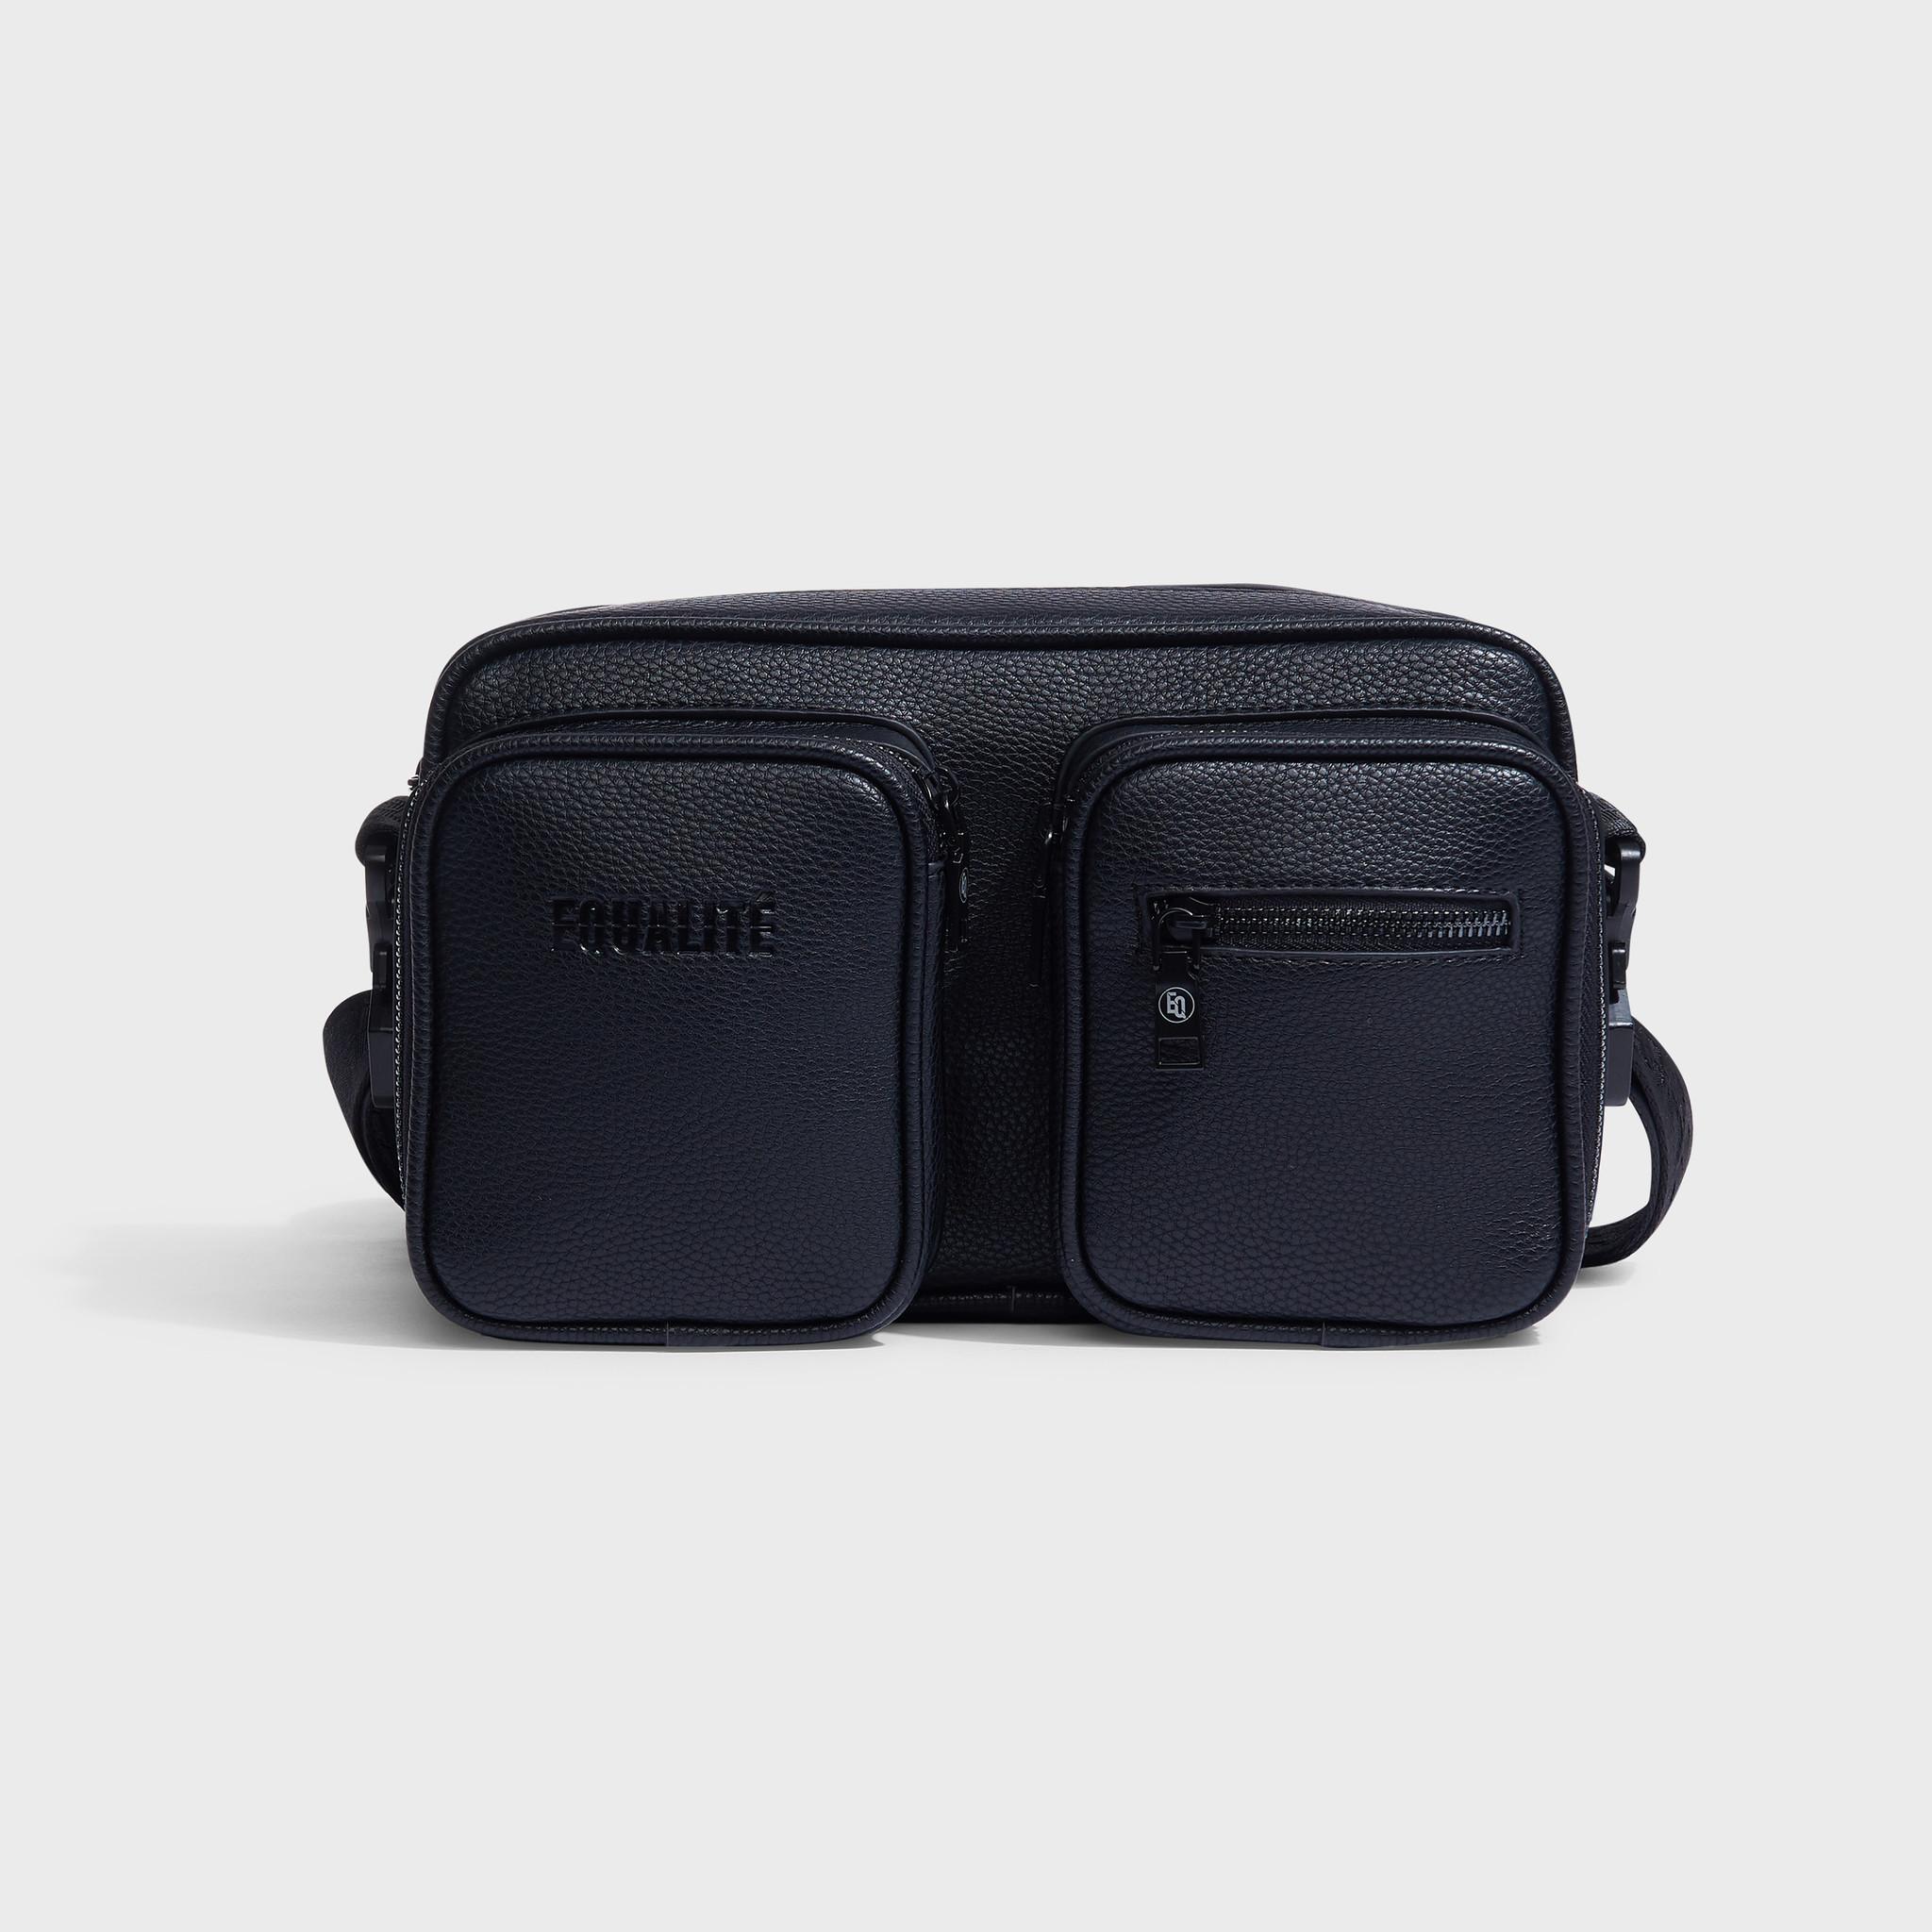 Pocket messengerbag black-1